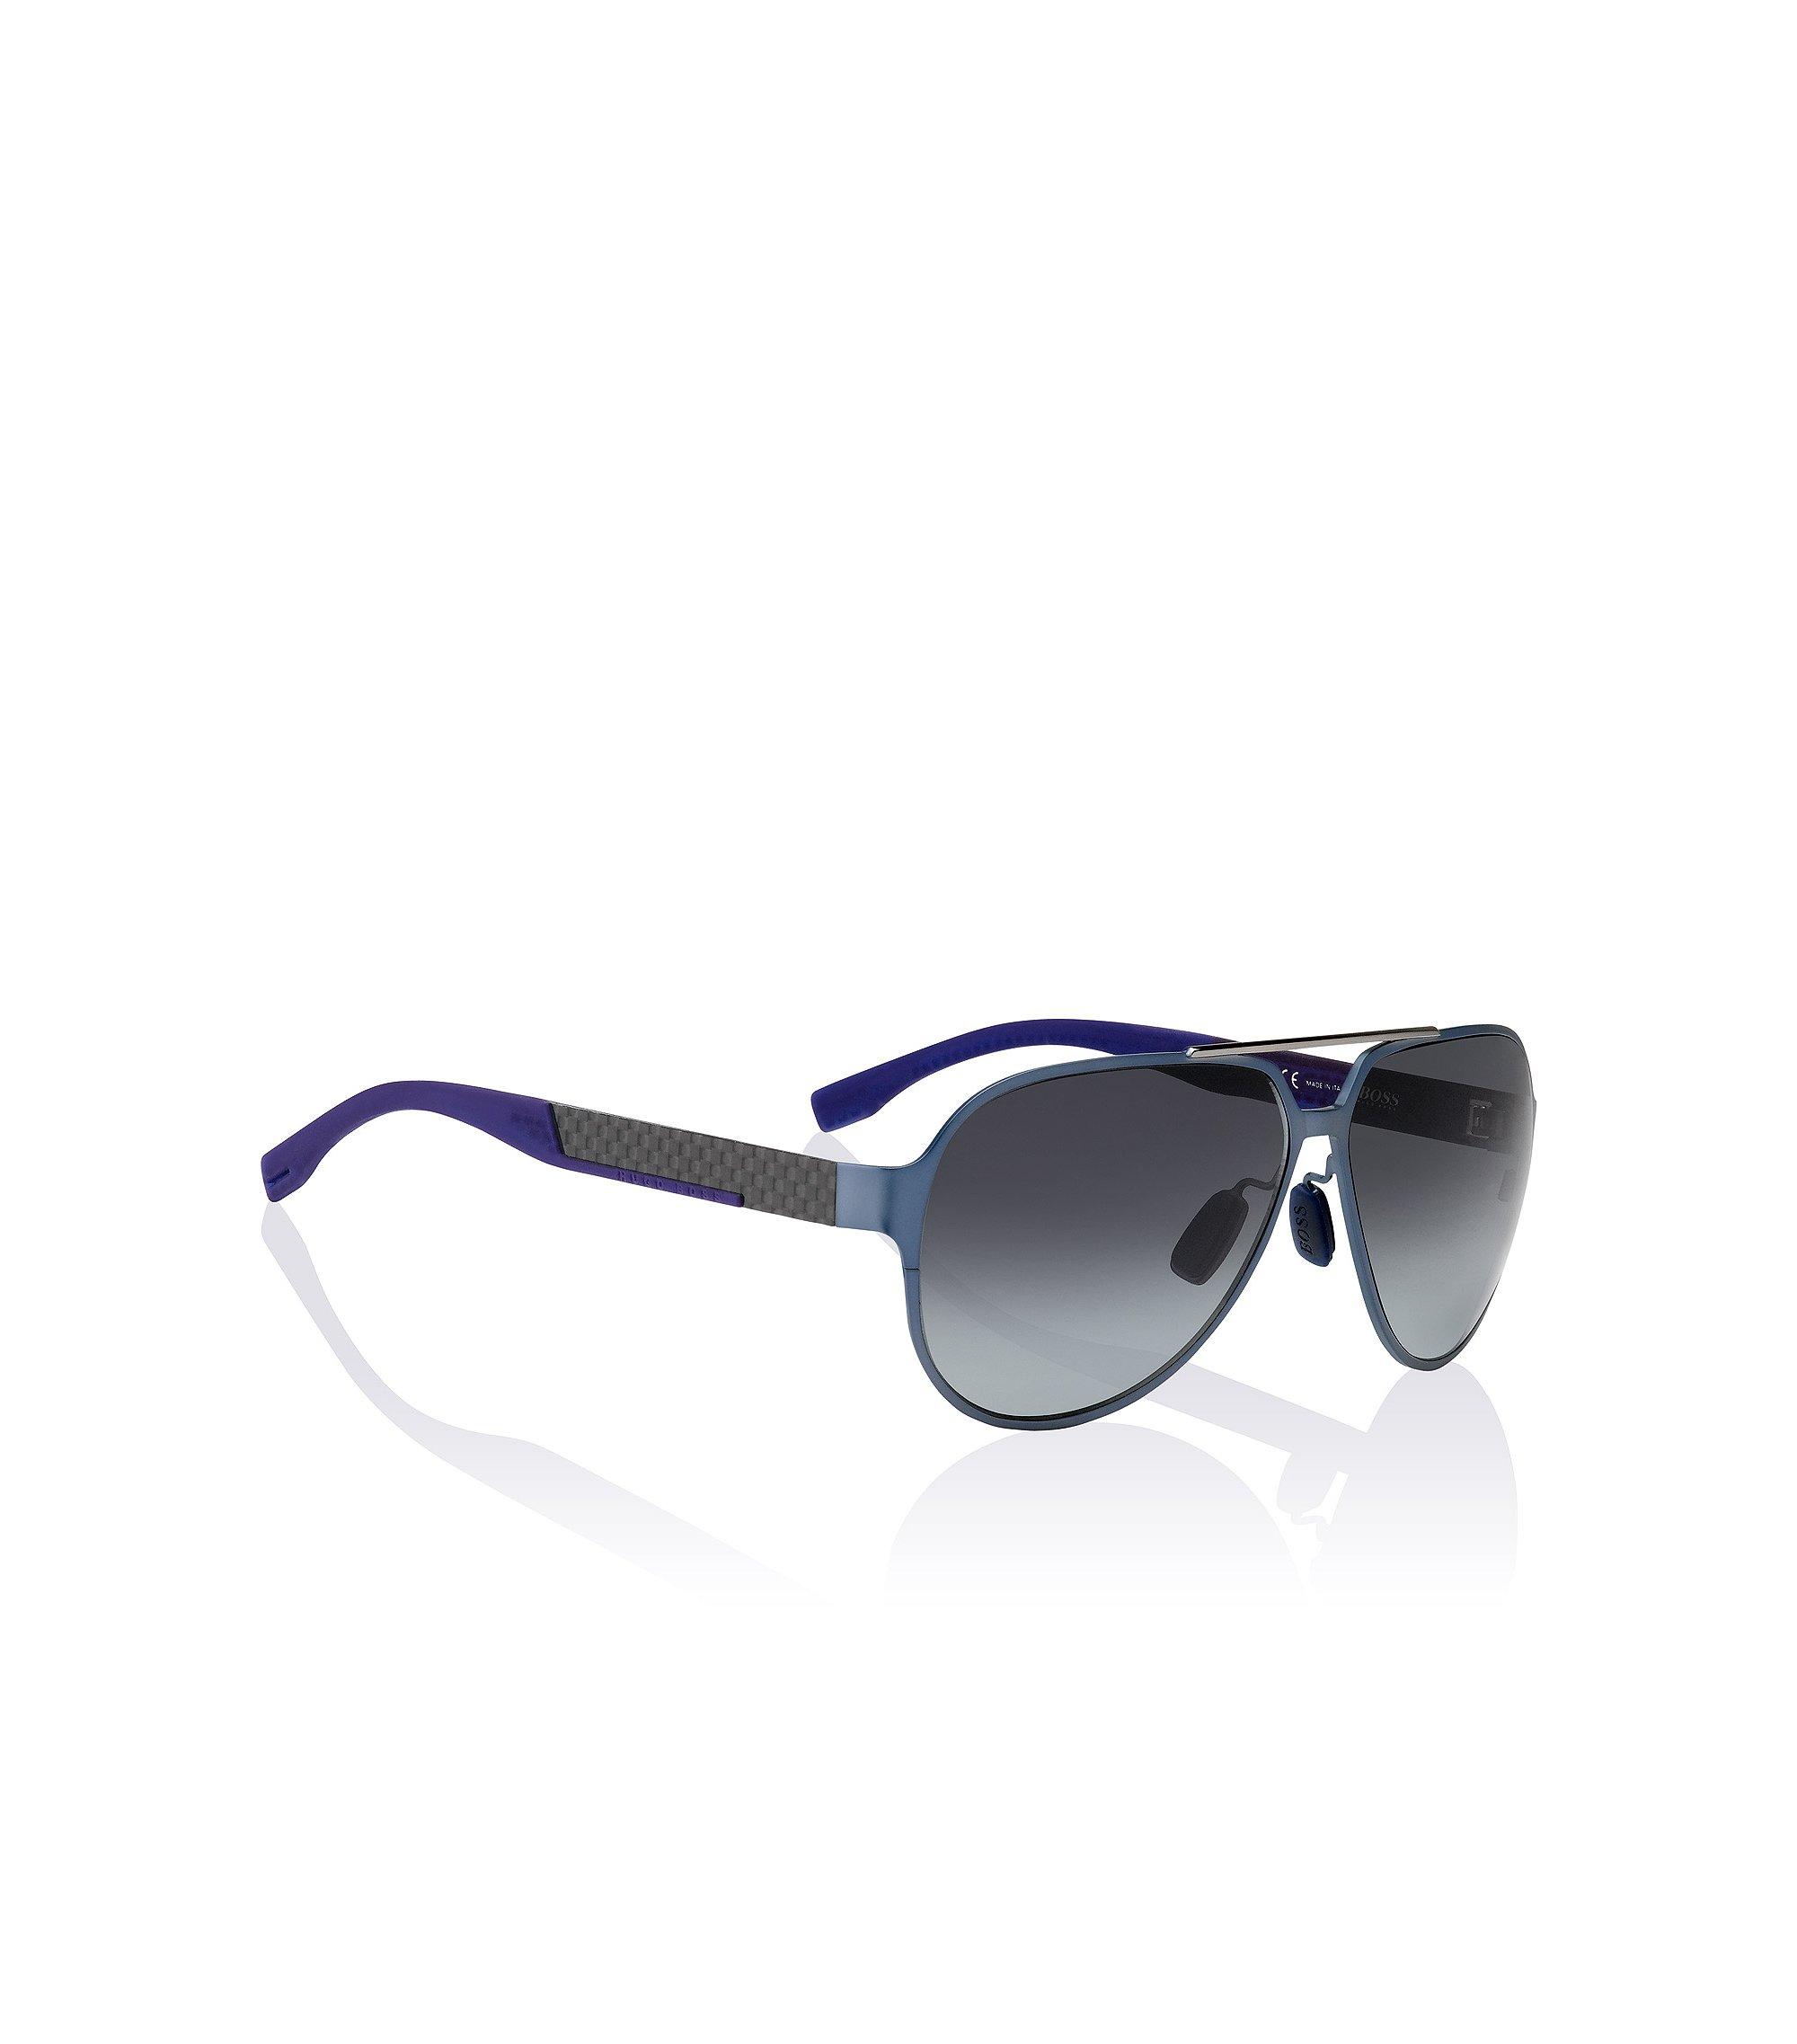 Piloten-Sonnenbrille ´BOSS 0669`, Assorted-Pre-Pack